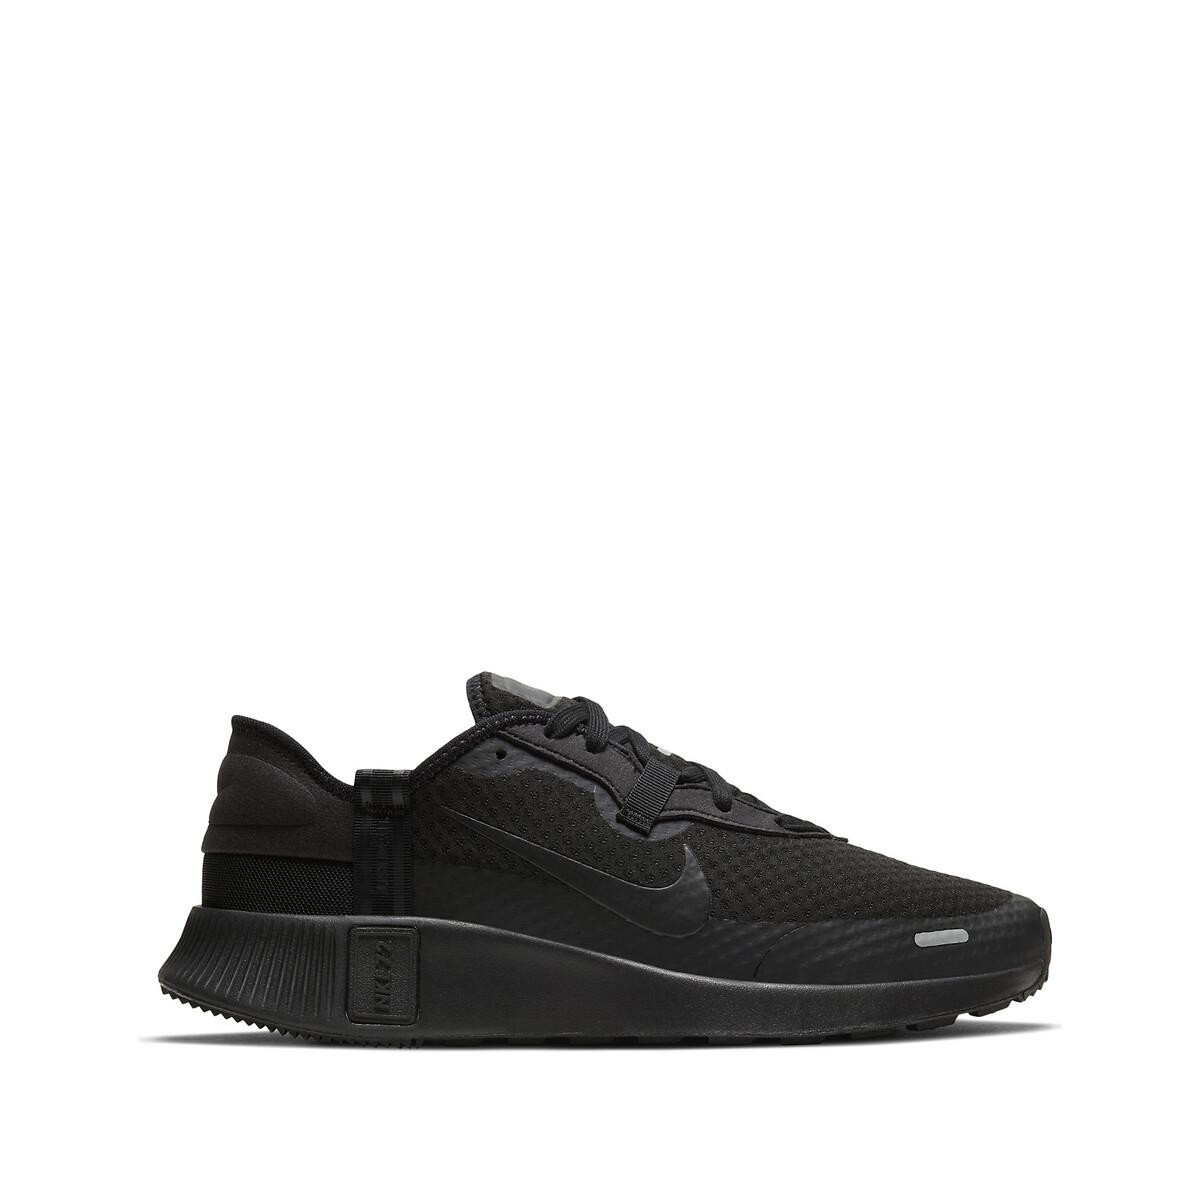 Nike Reposto Herenschoen Black/Black/Black Heren online kopen